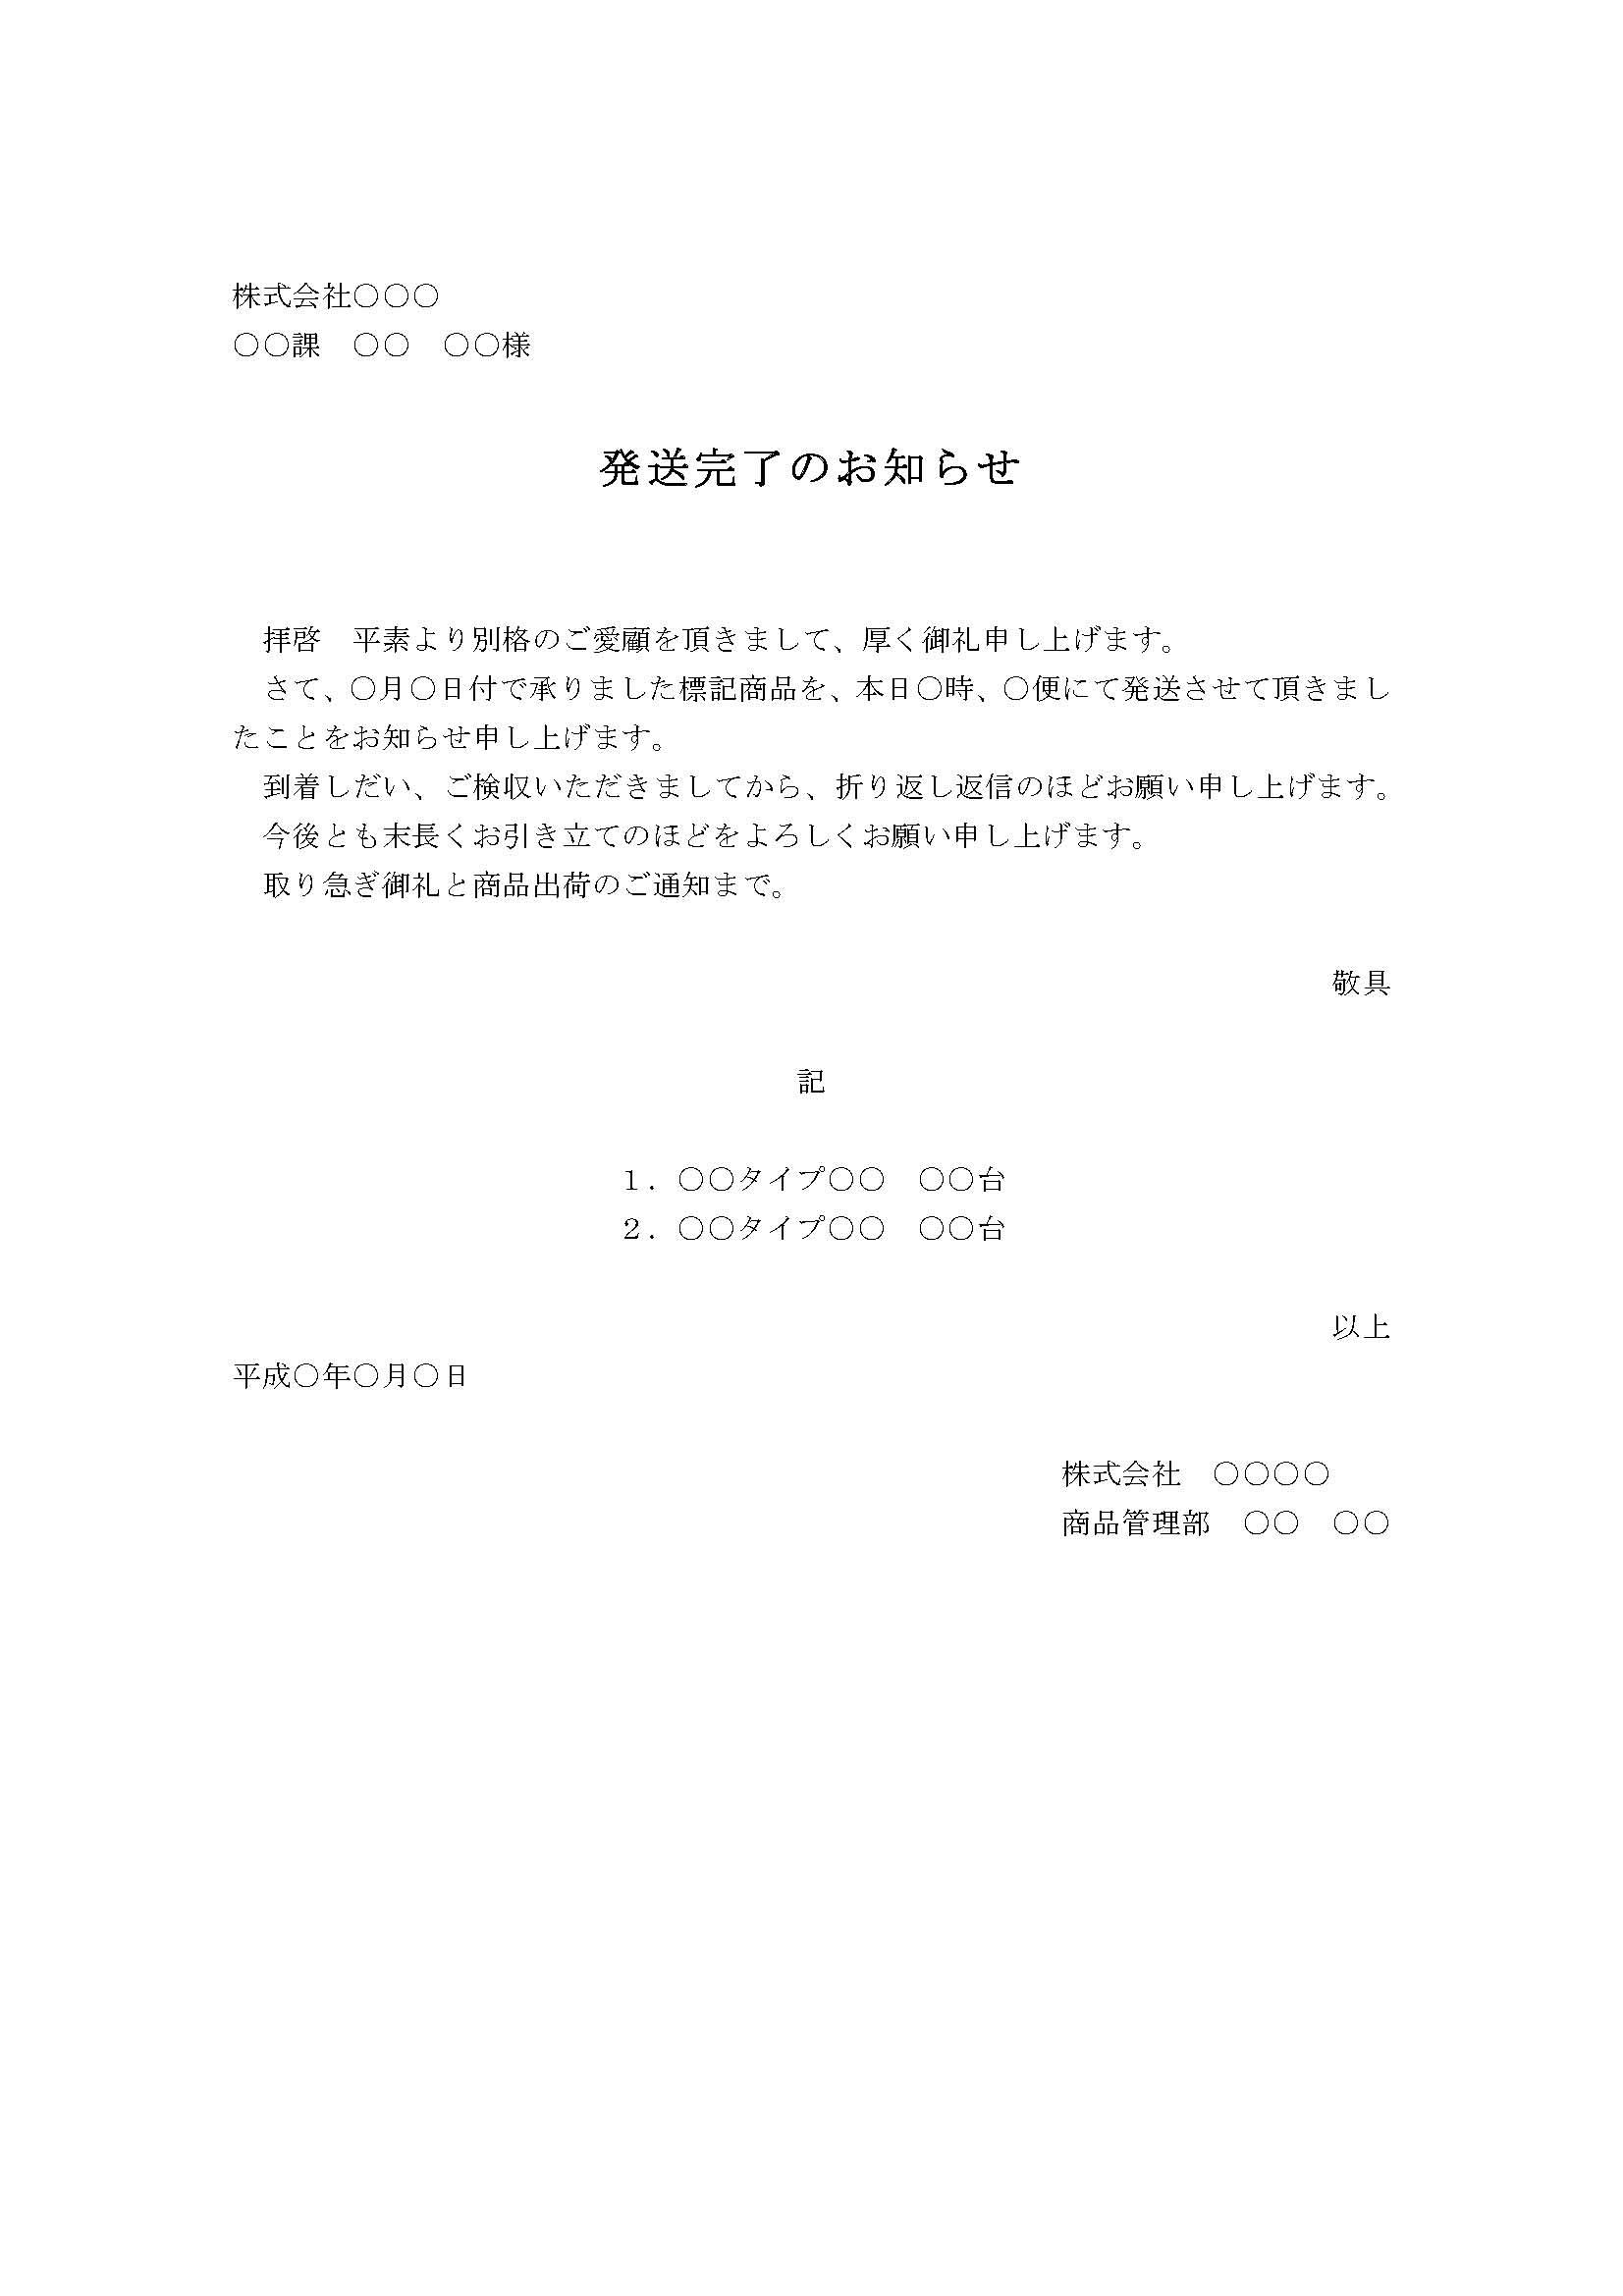 お知らせ(発送完了)